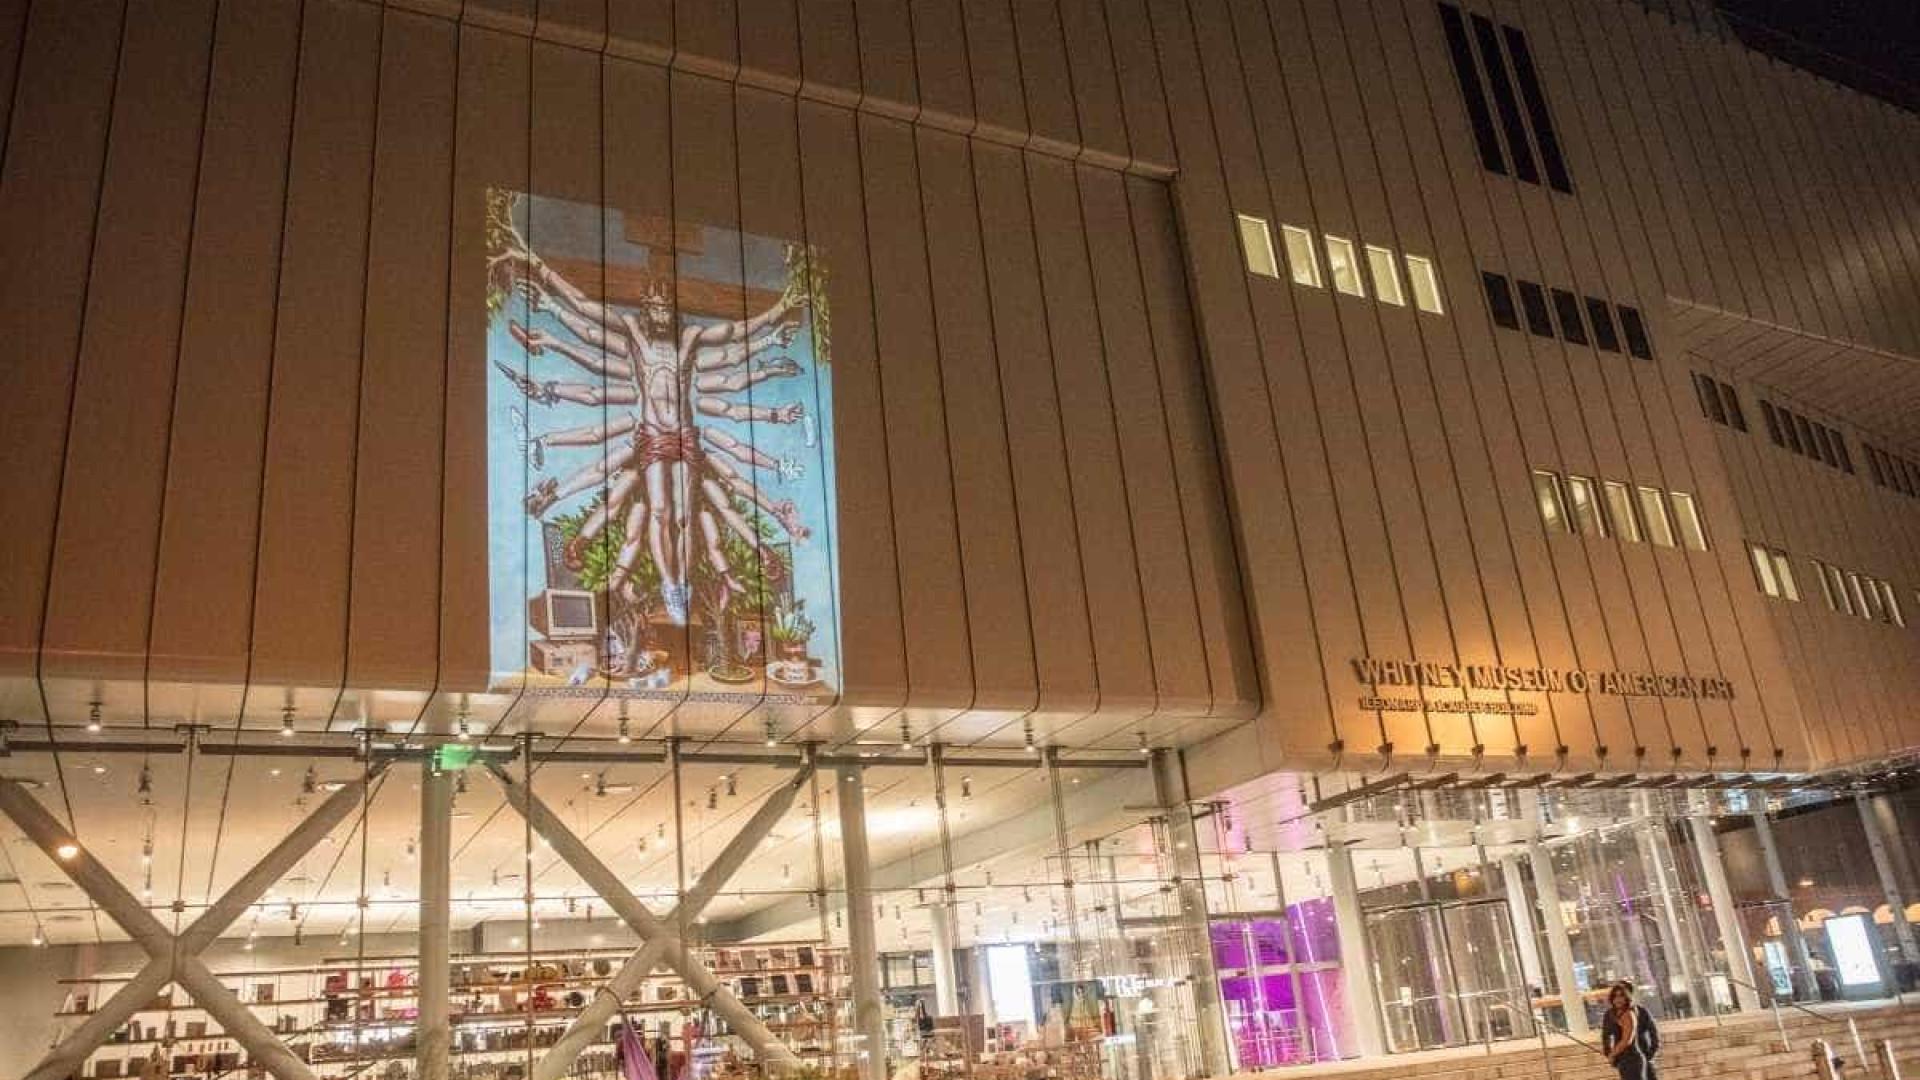 naom 59cf7b84d53e4 - Artista plástica projeta obras do 'Queermuseu' em museus de NY